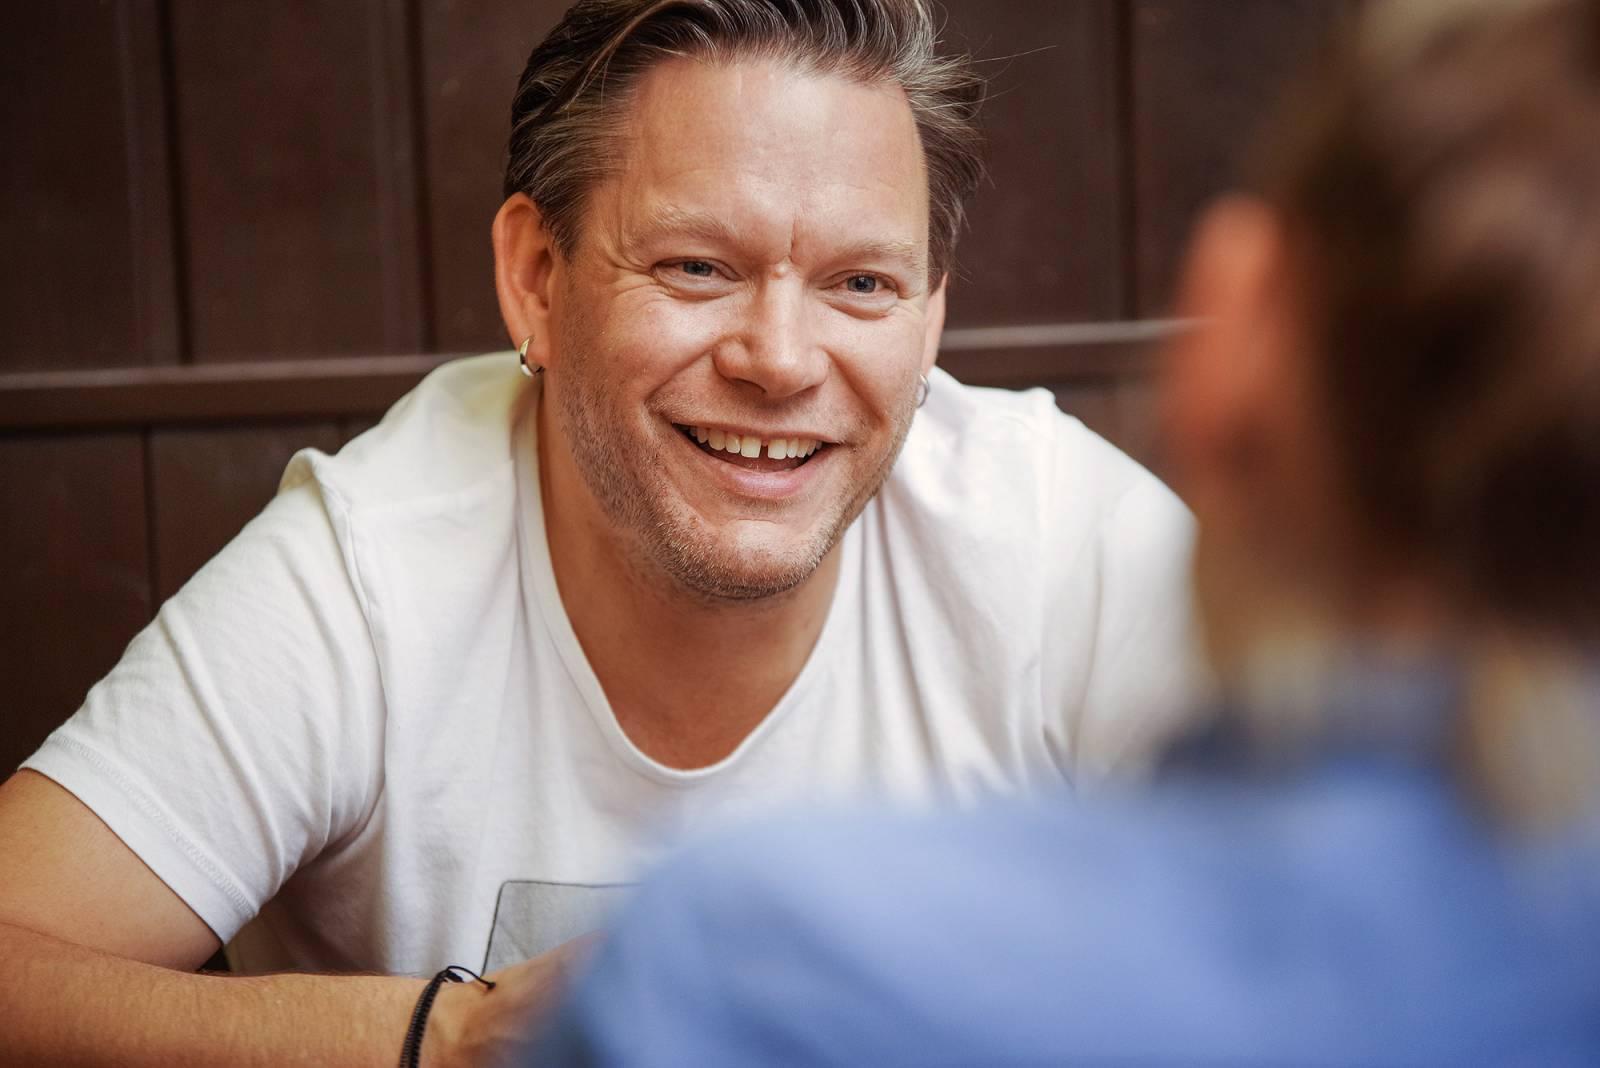 Matěj Ruppert (Monkey Business) interview:  U piva začínají všechny naše debaty